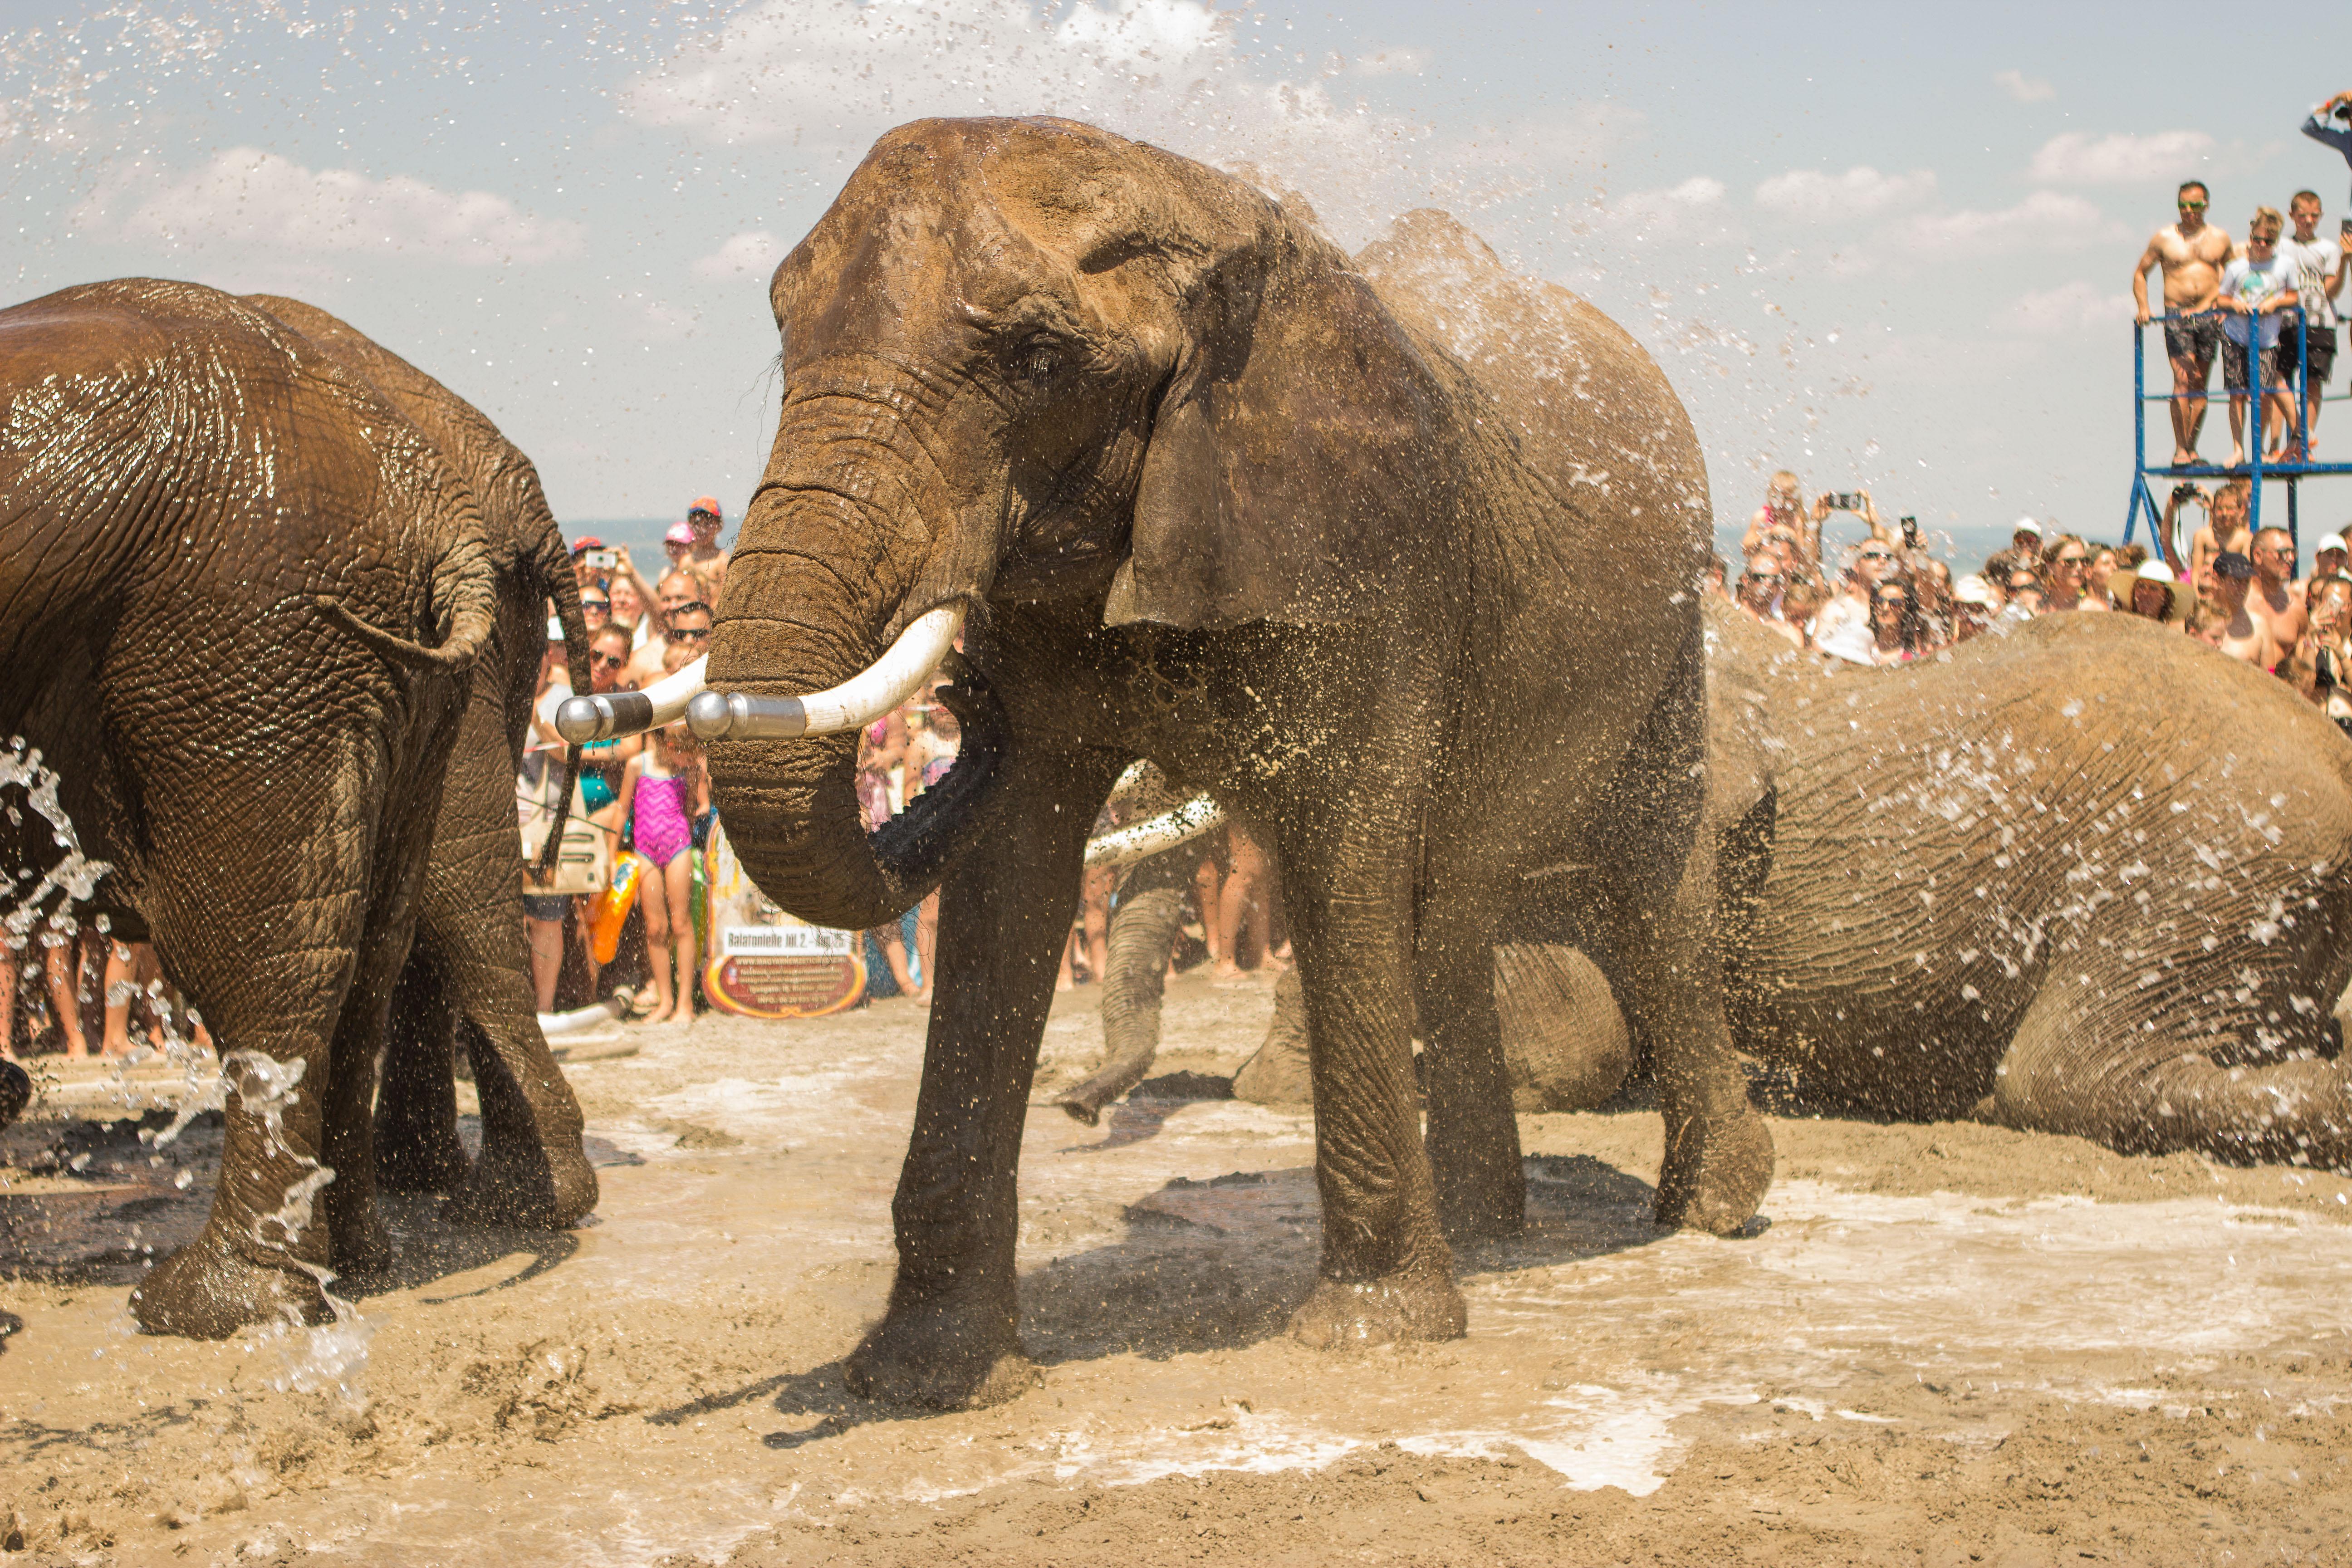 elefántok látványa)